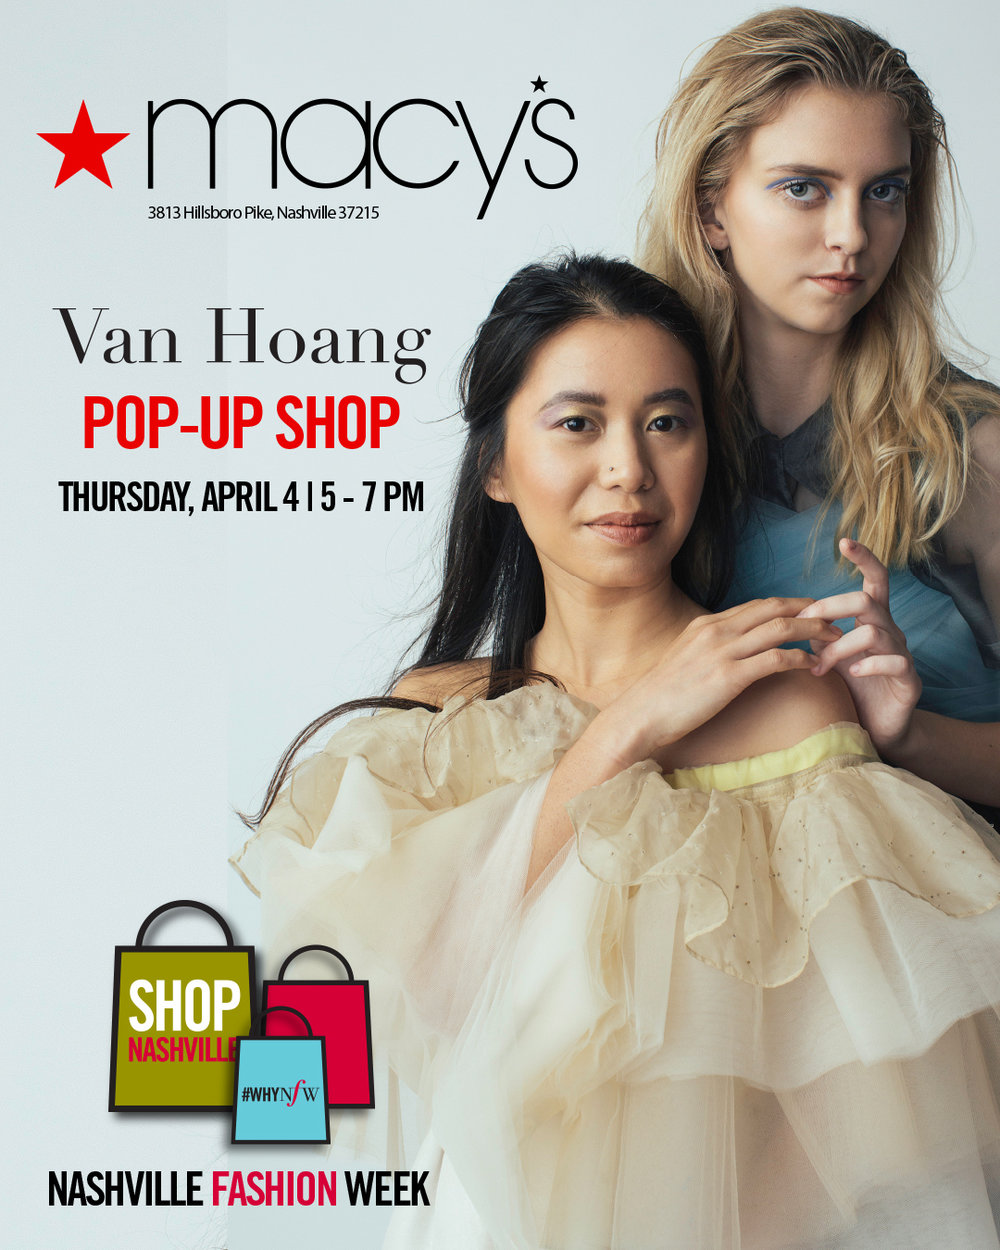 Macys&Van.jpg